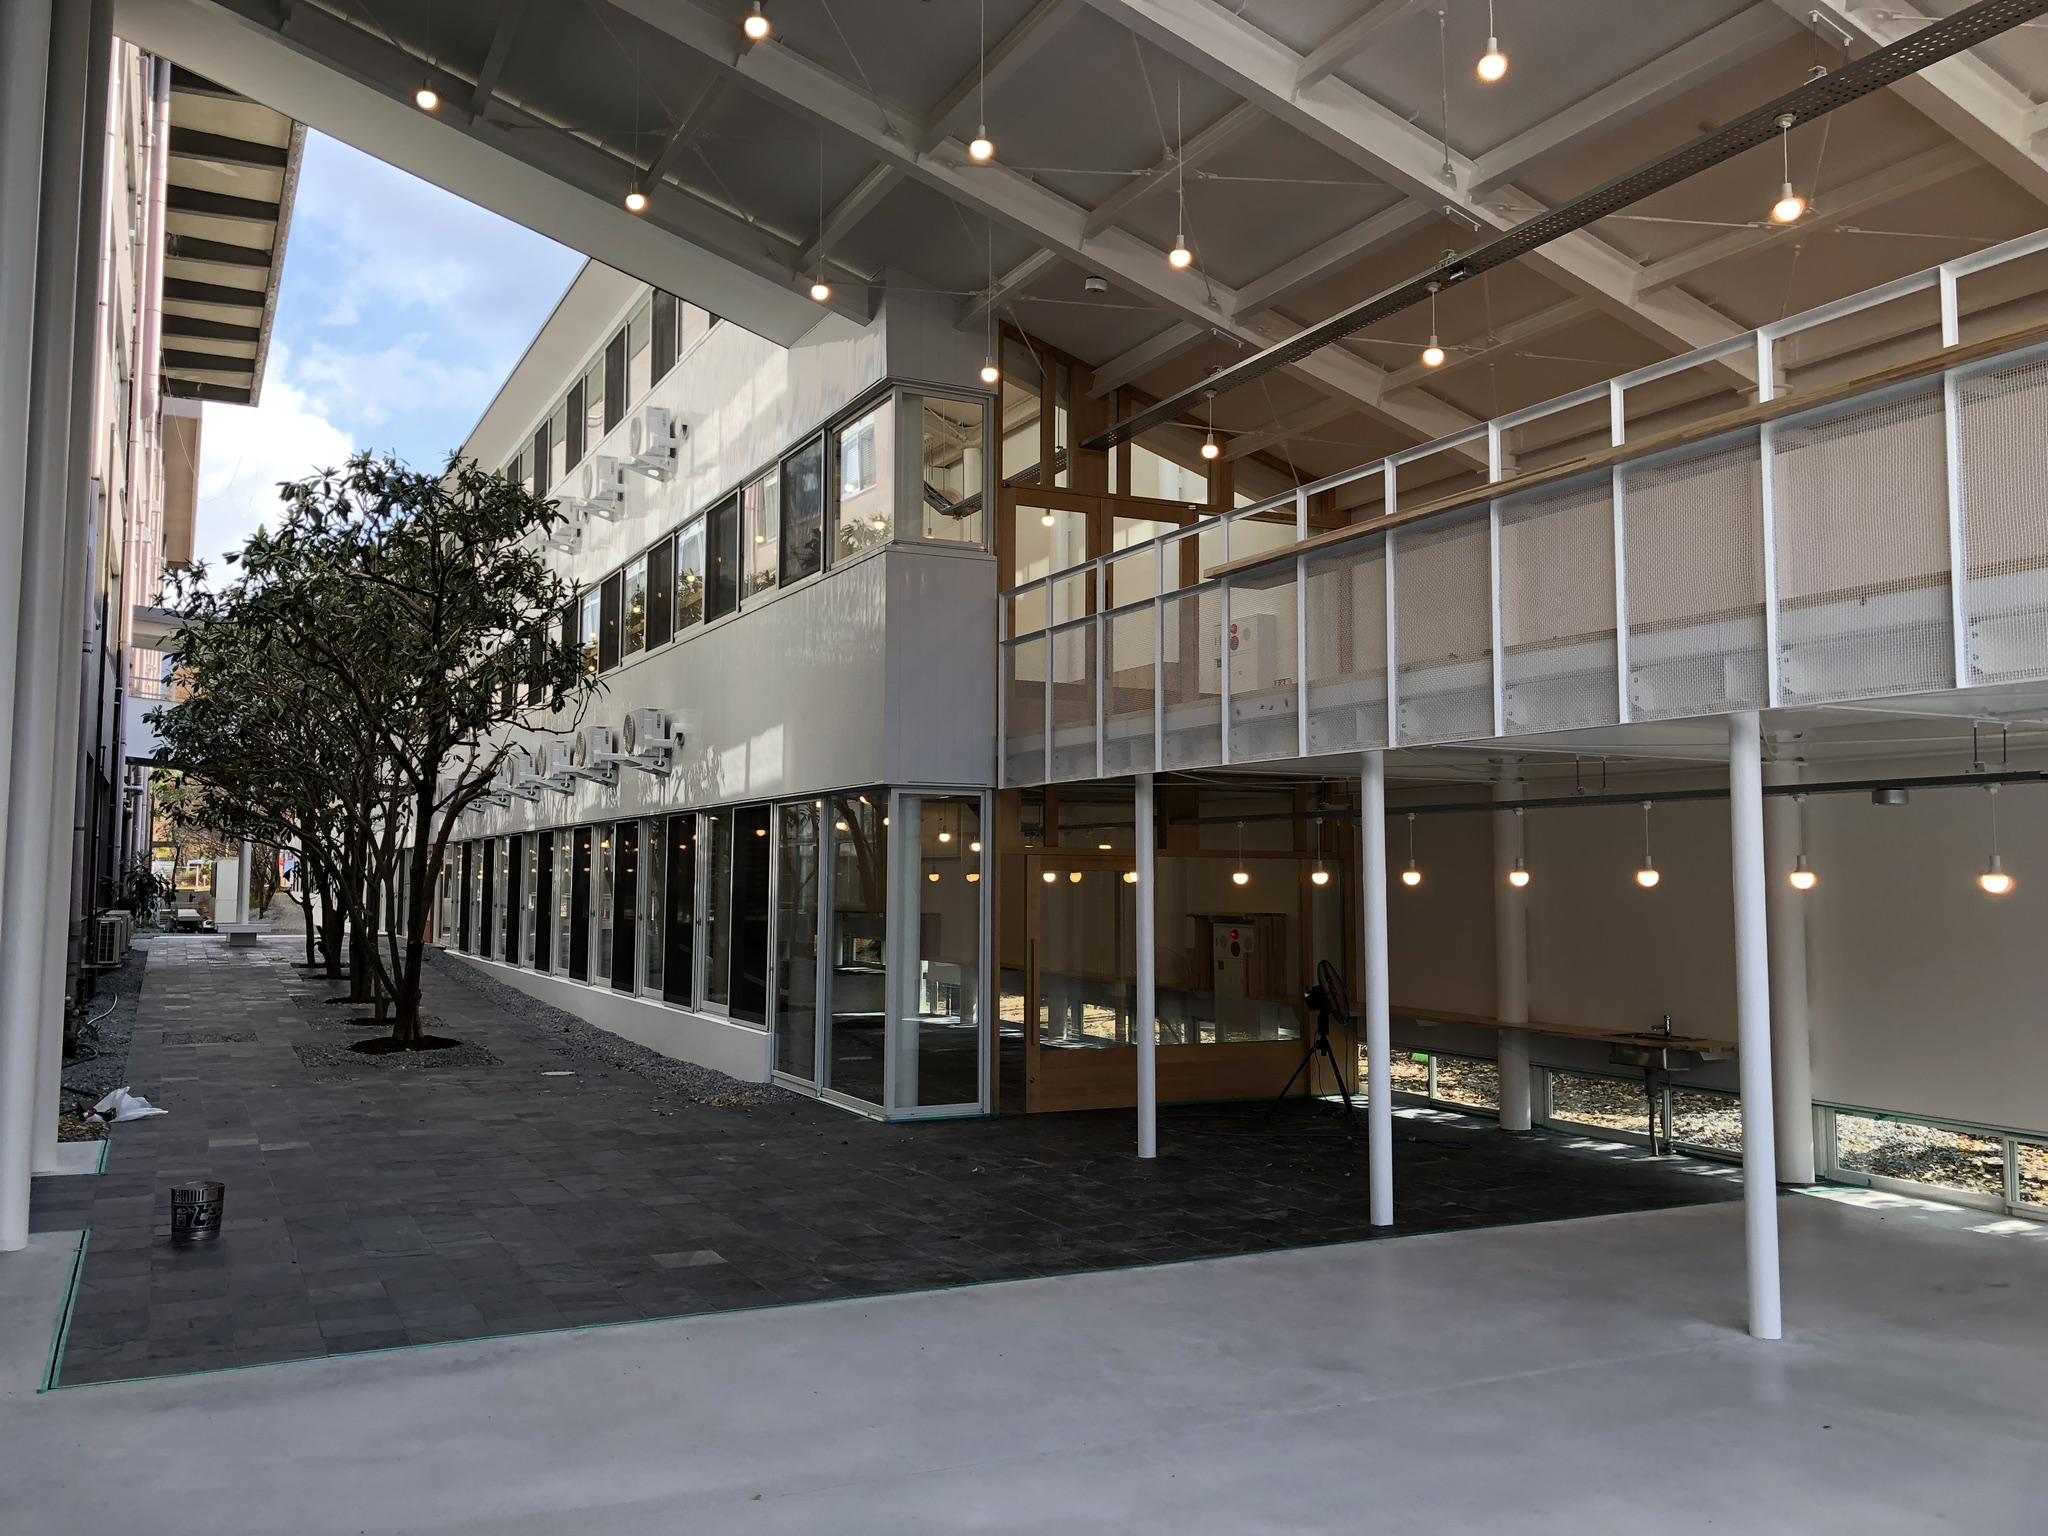 京都工芸繊維大学 デザインファクトリー・内装工事